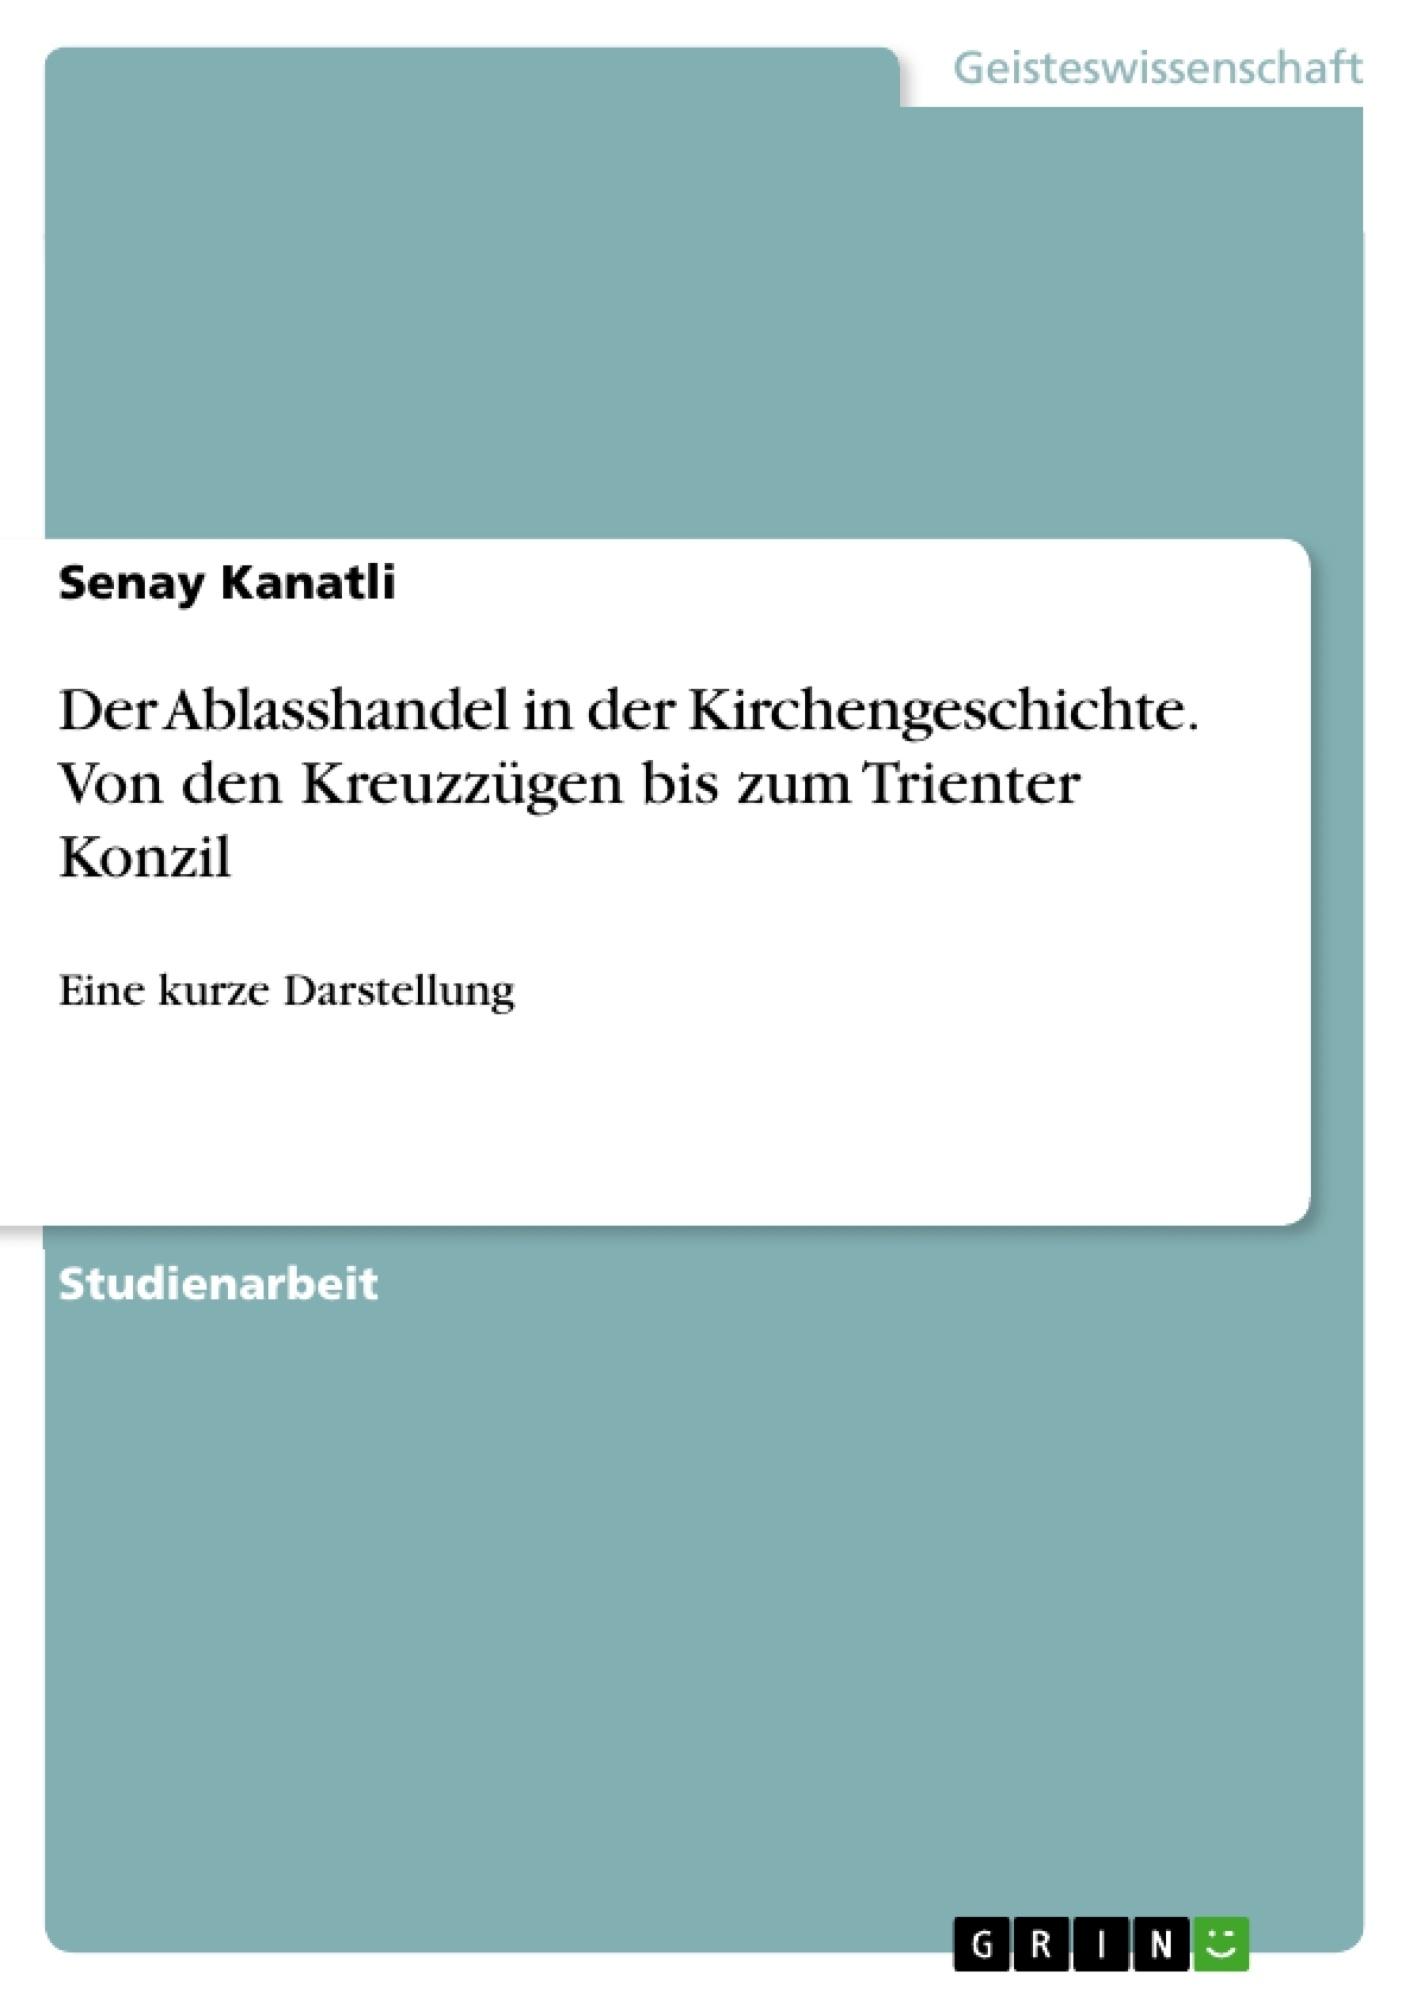 Titel: Der Ablasshandel in der Kirchengeschichte. Von den Kreuzzügen bis zum Trienter Konzil